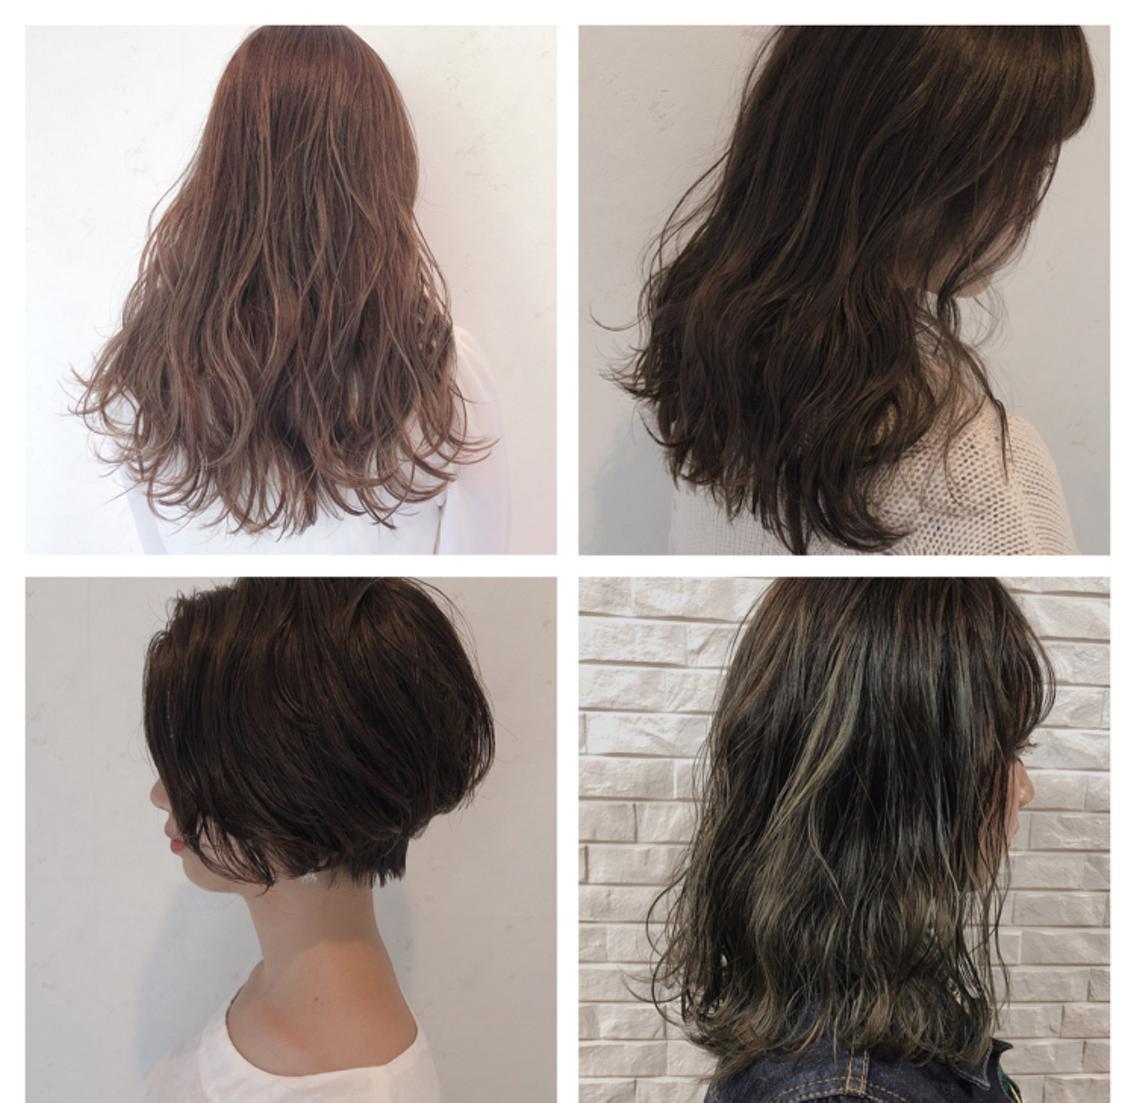 【ご新規様のみ / 平日限定】似合うヘアスタイルを一緒に作りましょう!!♡